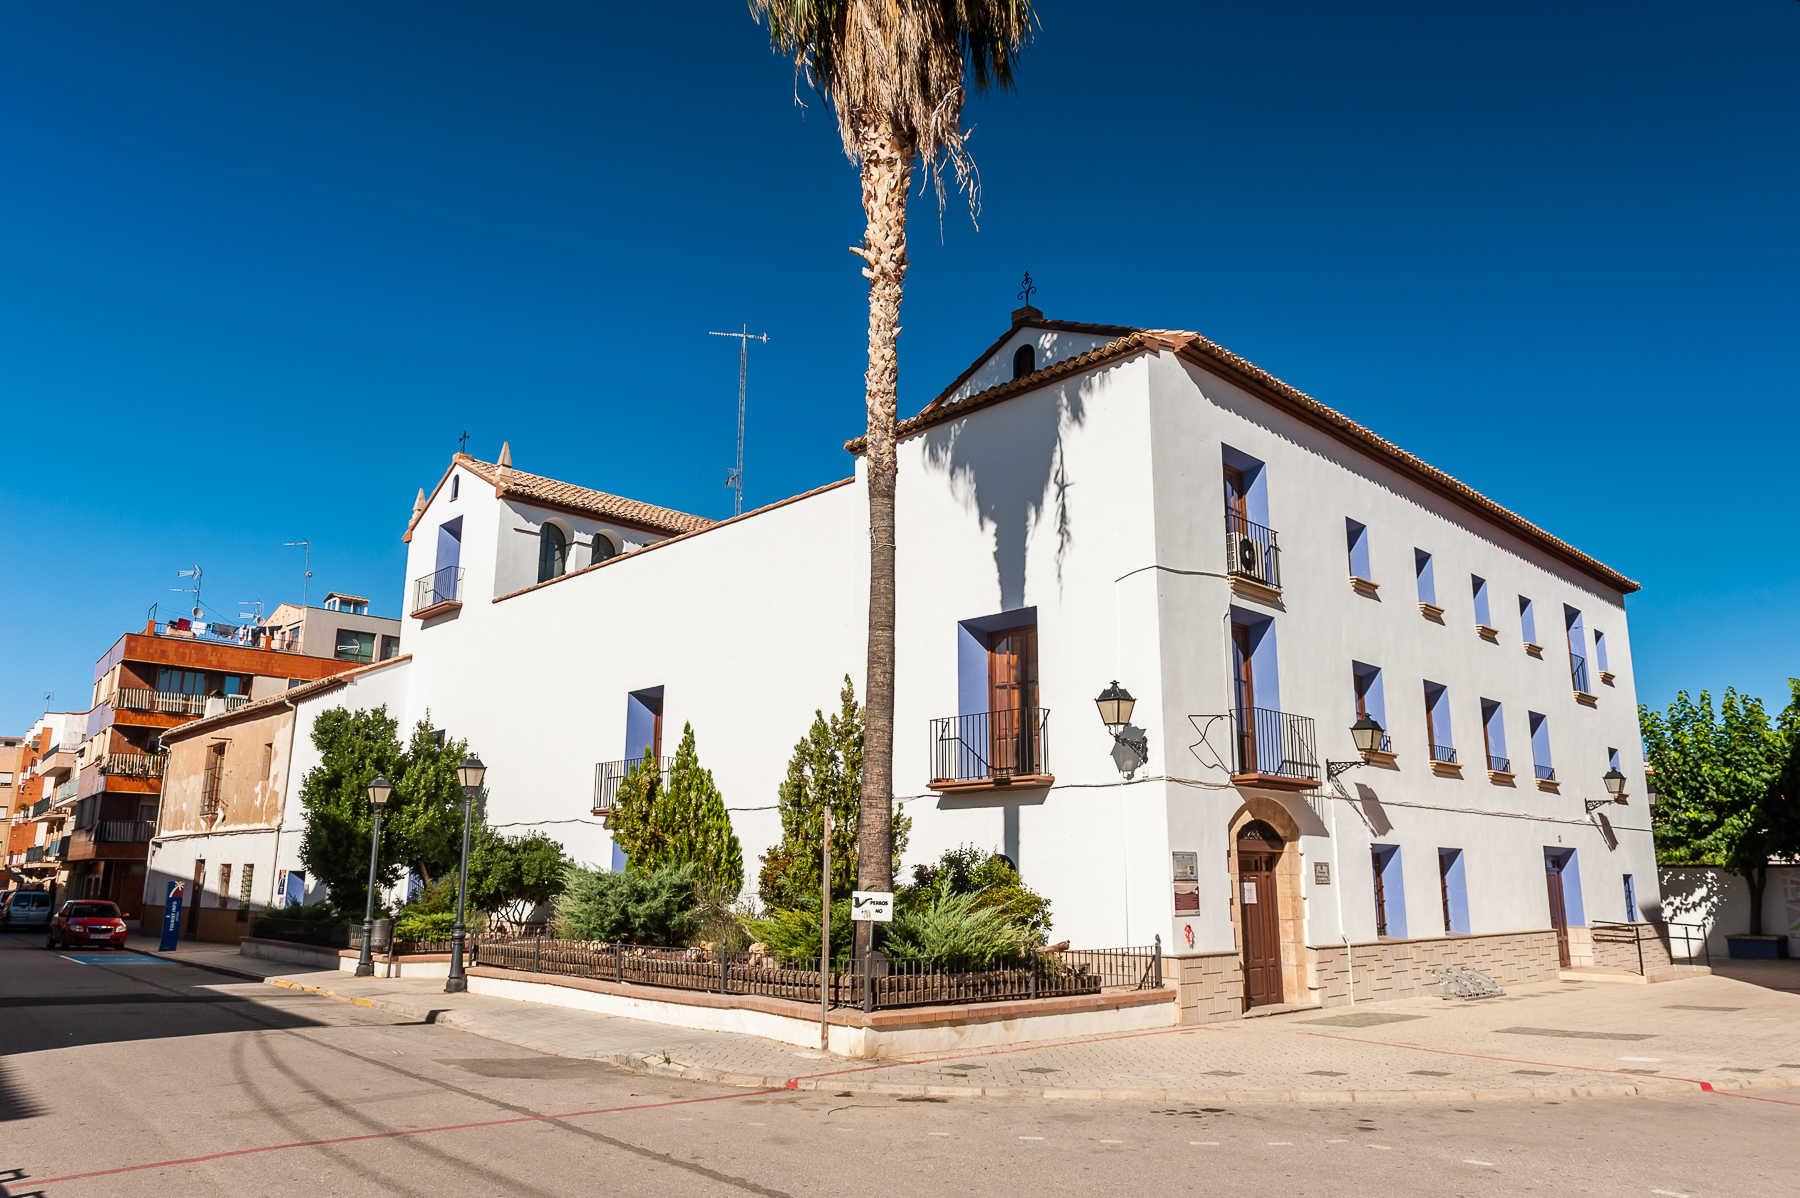 https://multimedia.comunitatvalenciana.com/1D776D1F93944B3CAAA6035FB929B8A8/img/B45F8DA1A86843C693BE4F018CC80590/2030-Ayora-Convento_San_Francisco-0367.jpg?responsive